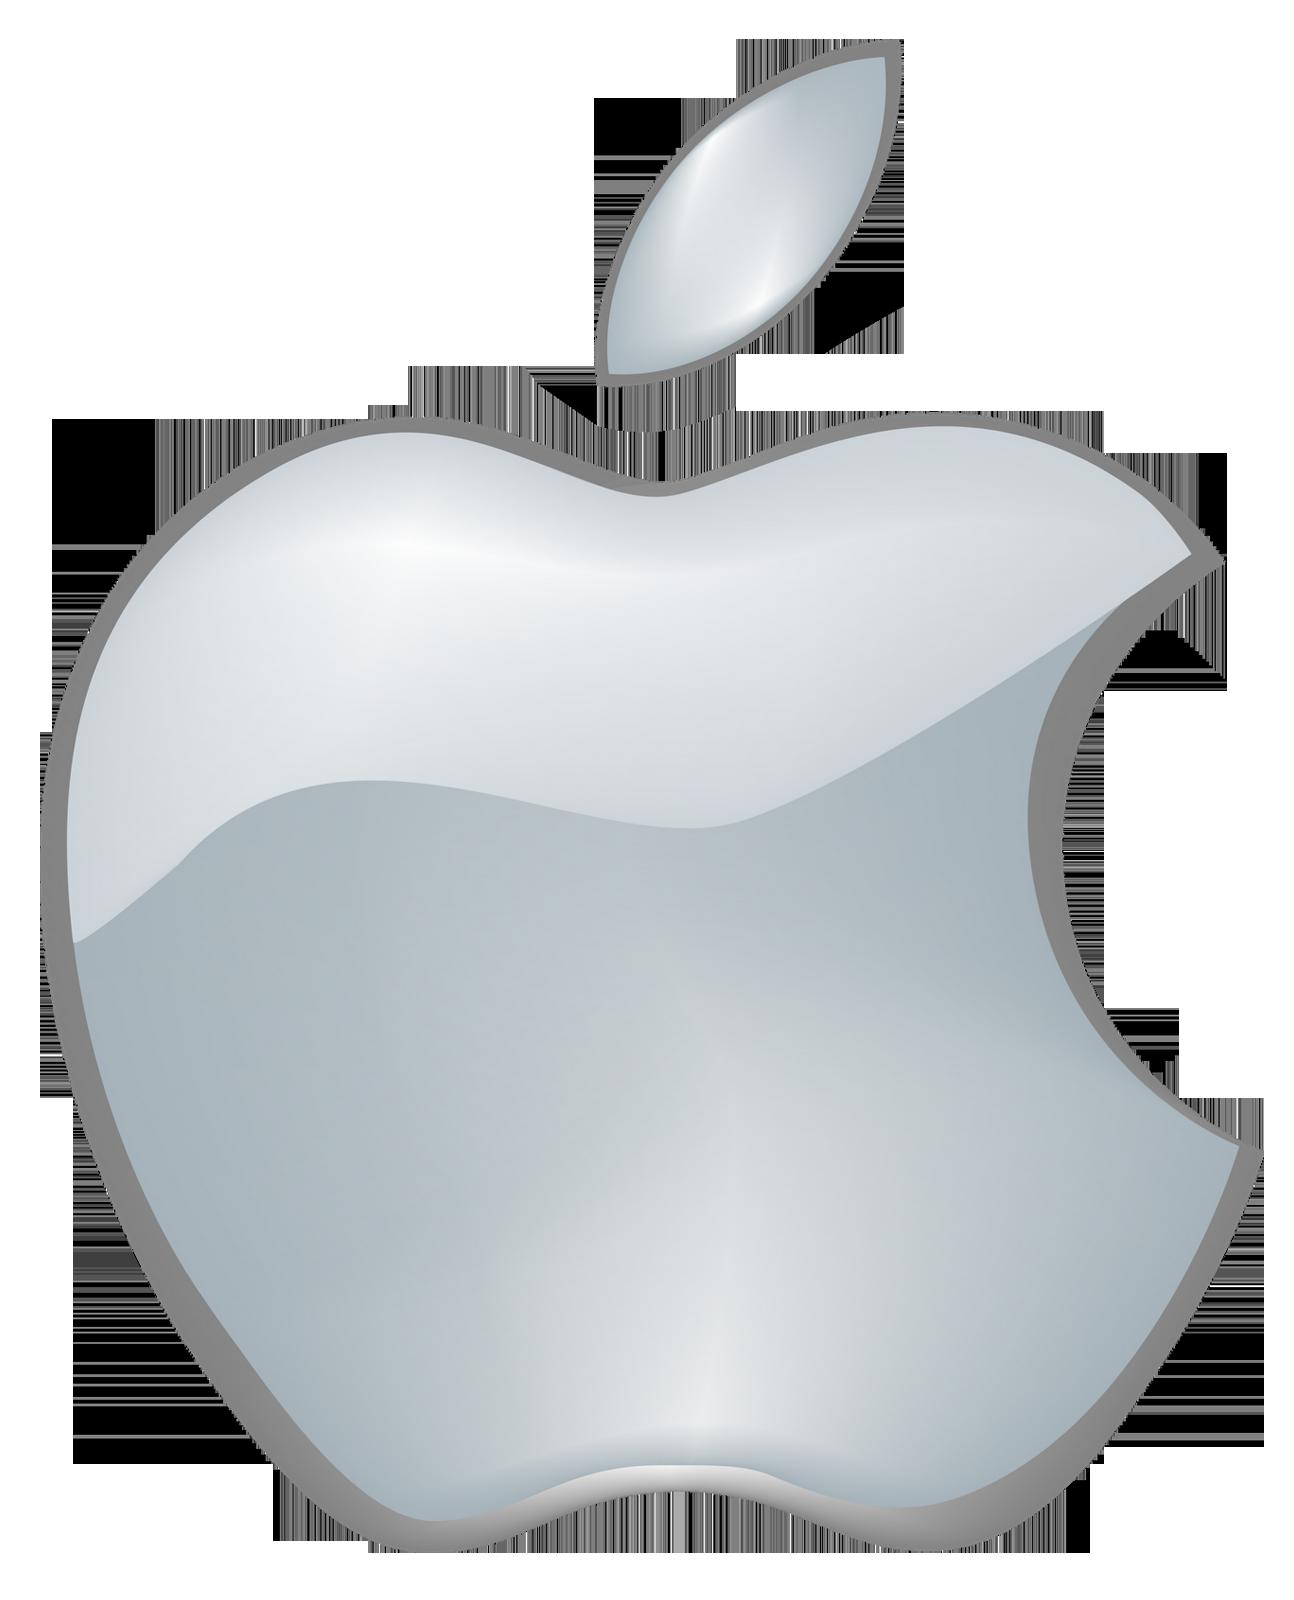 png iphone logos